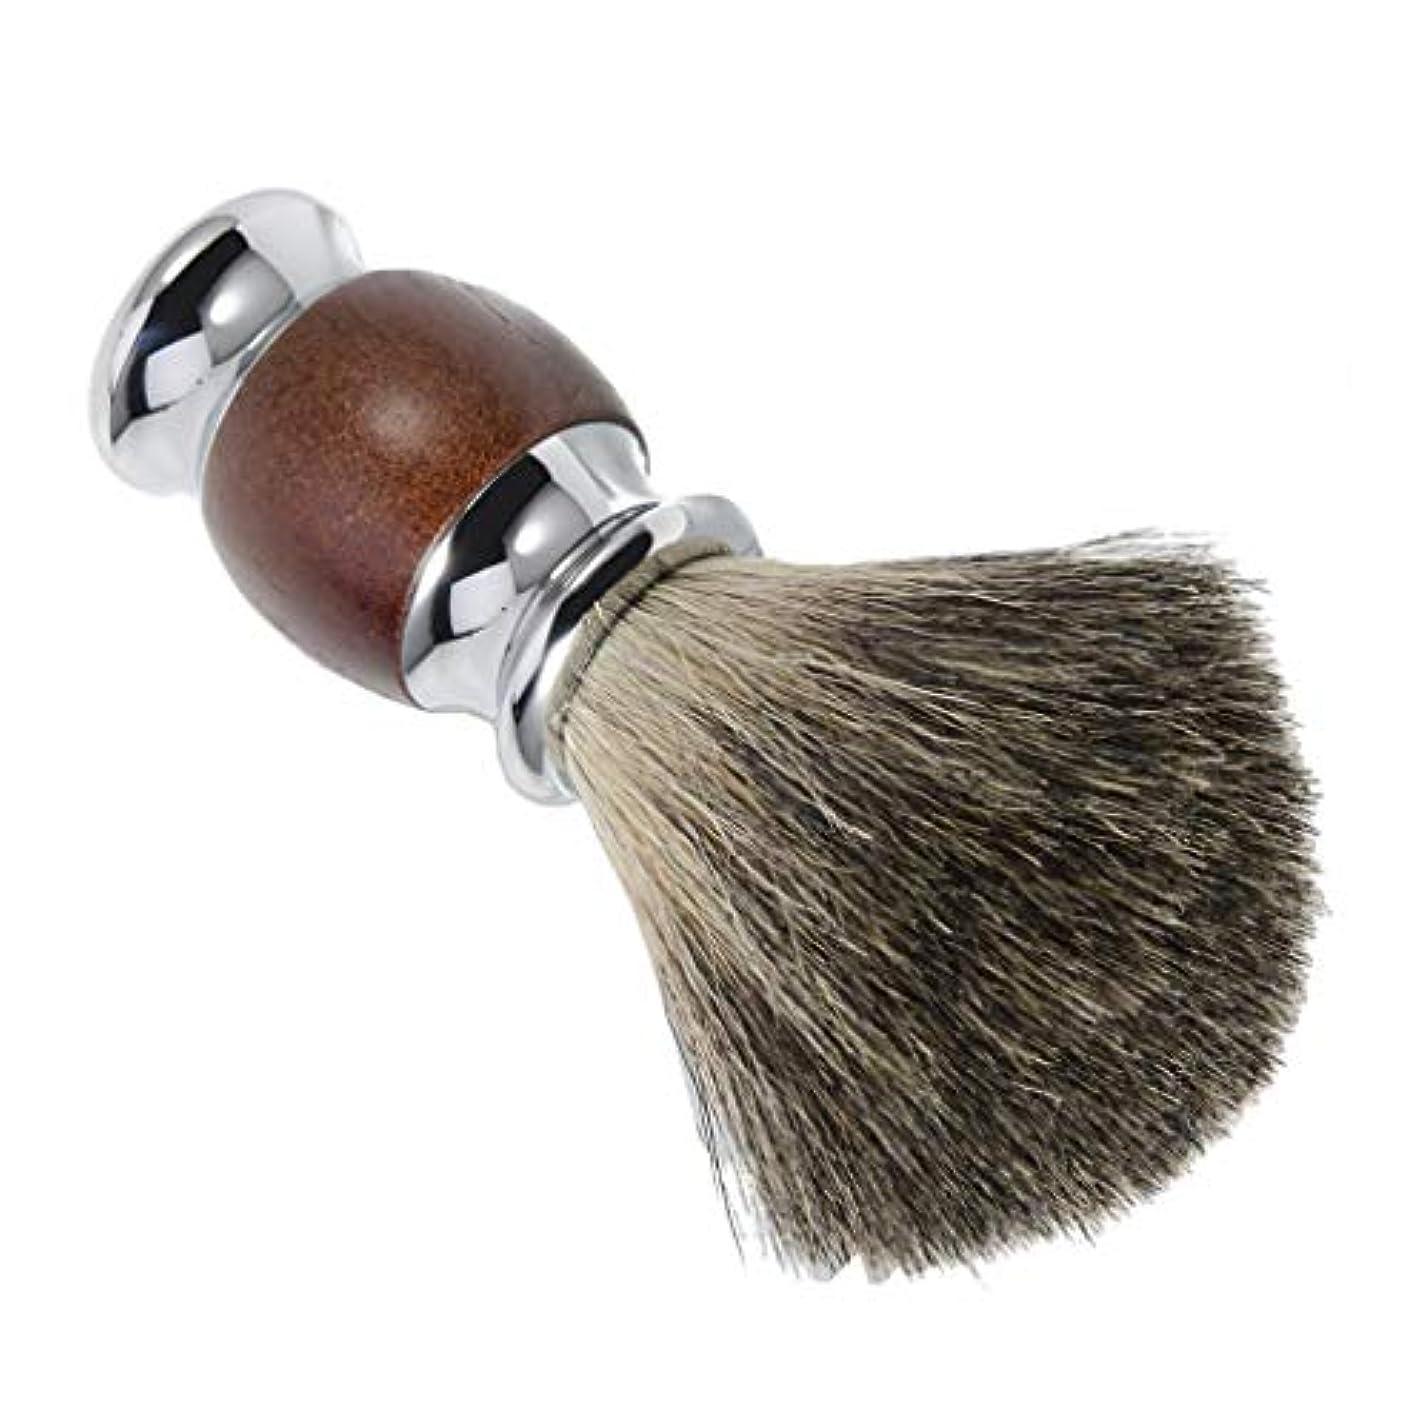 大惨事一貫したうまれたシェービング用ブラシ 木製ハンドル メンズ 理容 洗顔 髭剃り 泡立ち 贈り物